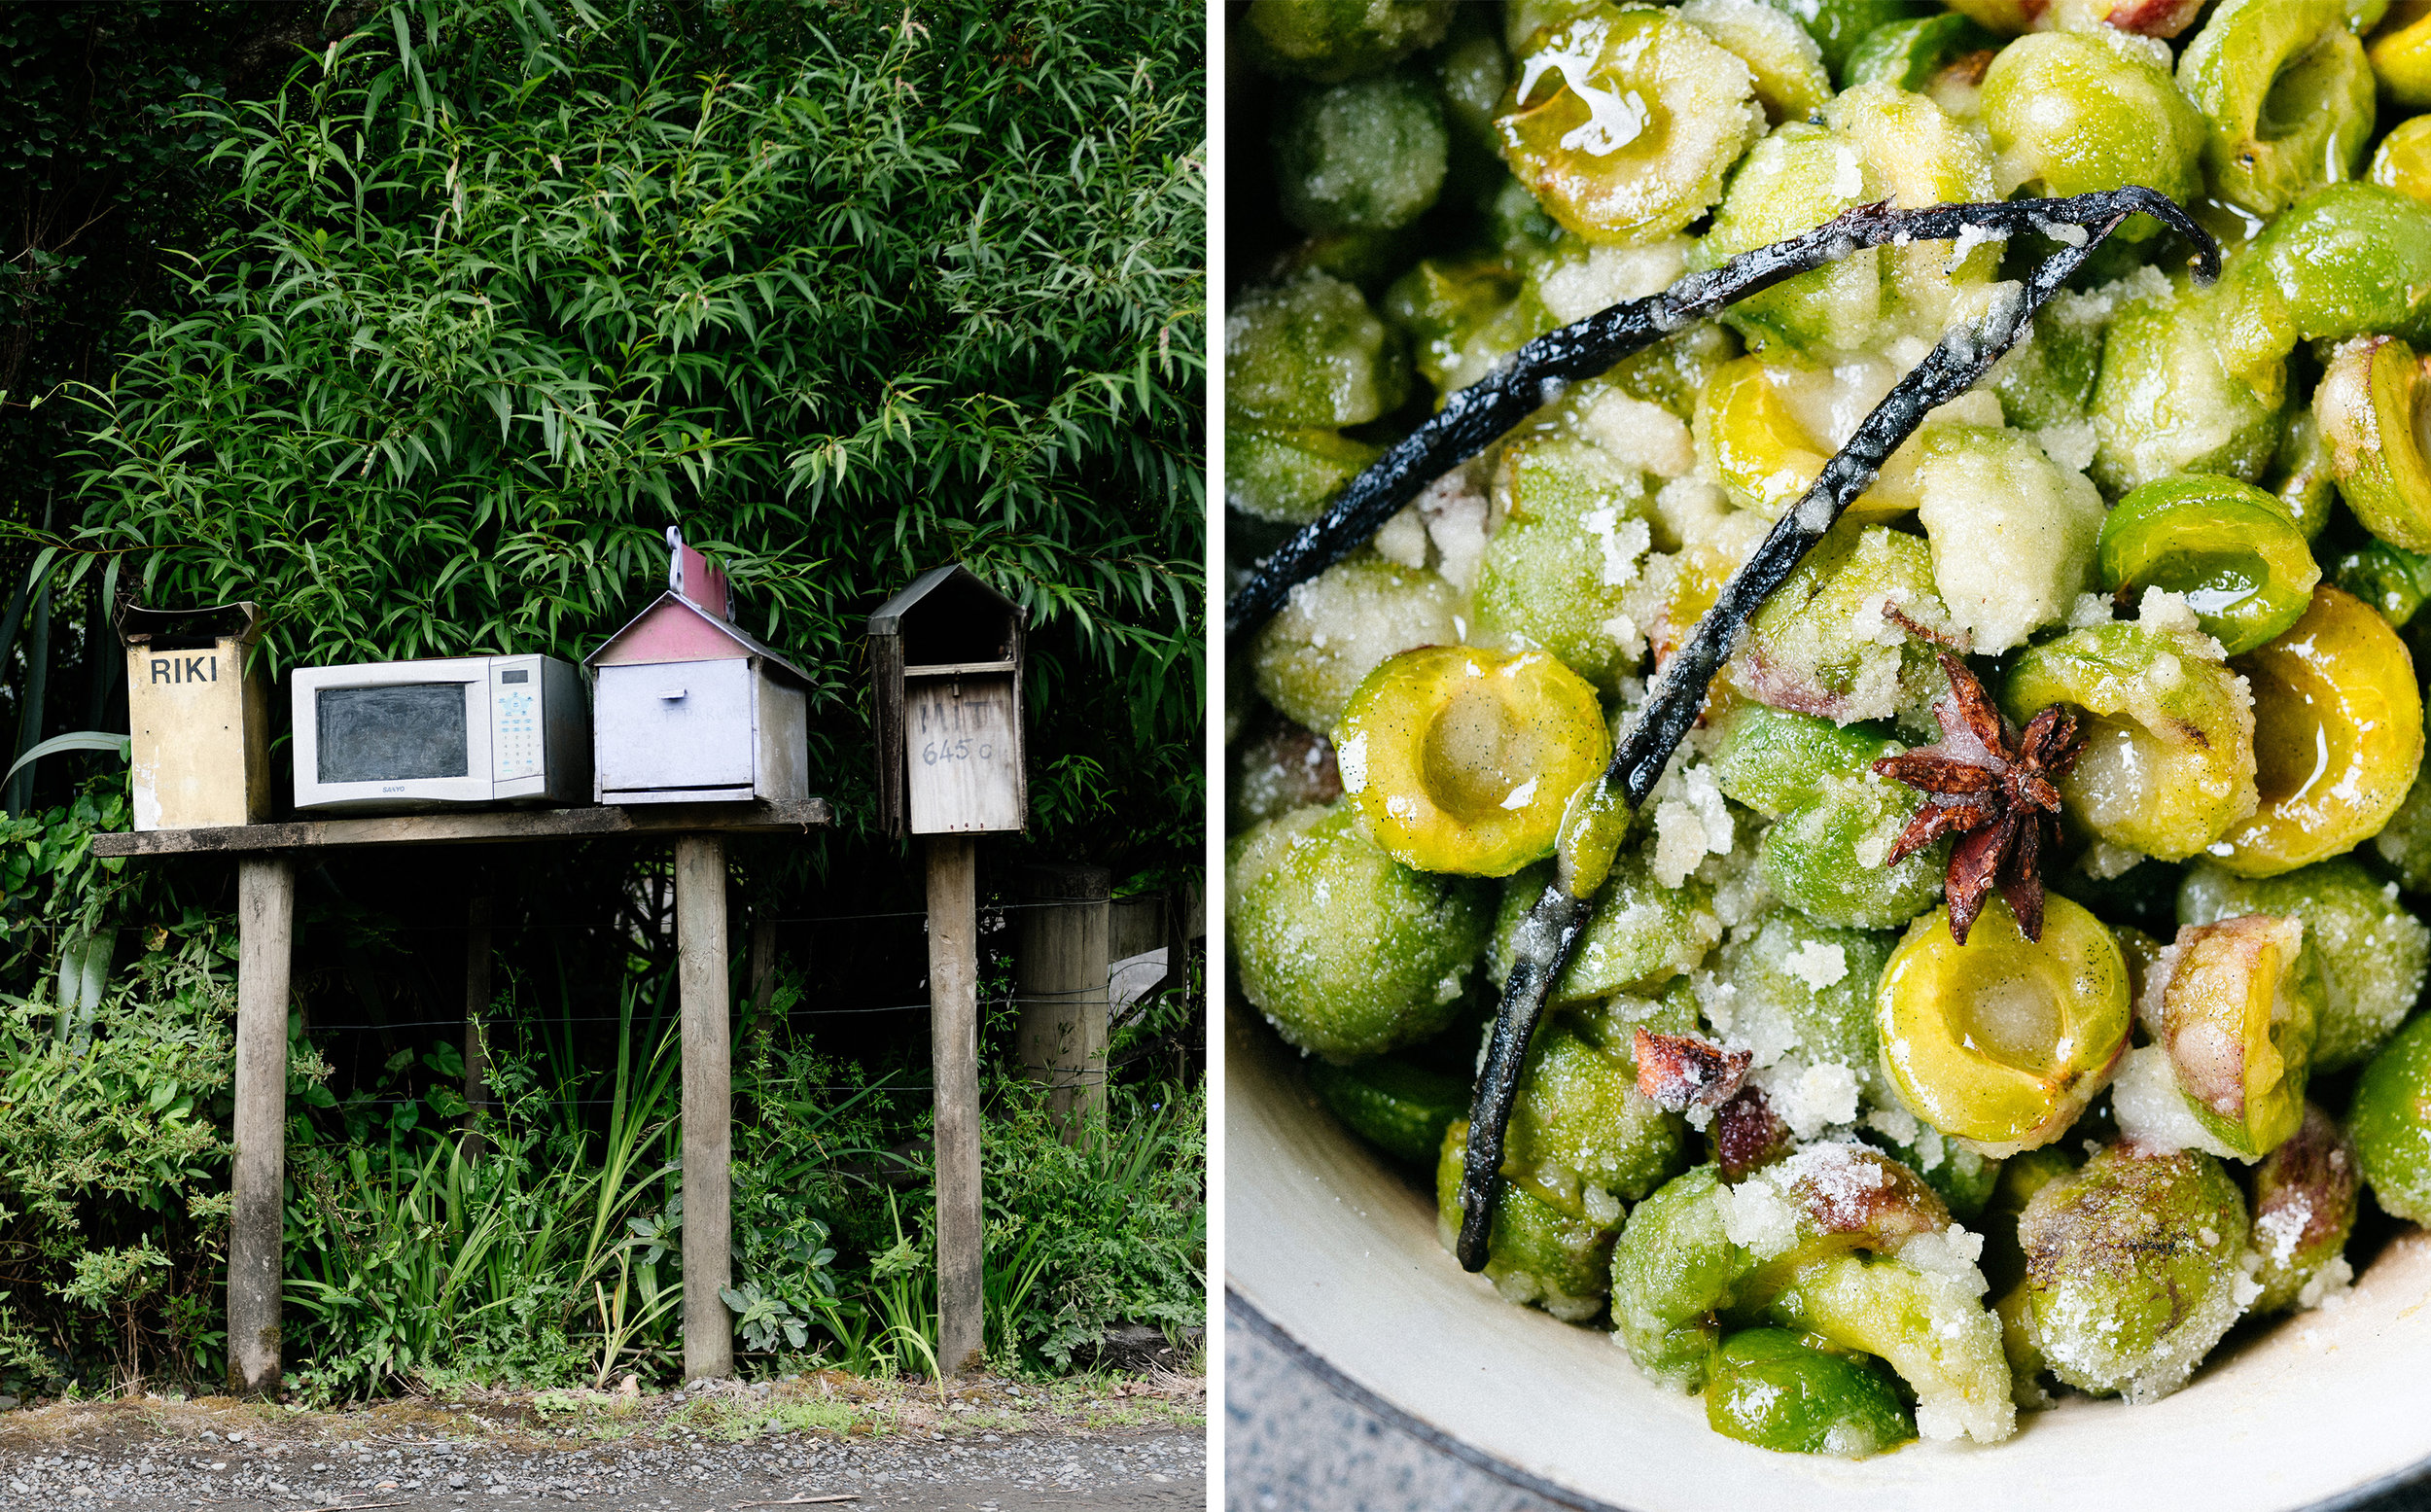 Al-Brown-Eat-Up-NZ-Cookbook-Josh-Griggs-Photographer-Splits-32.jpg